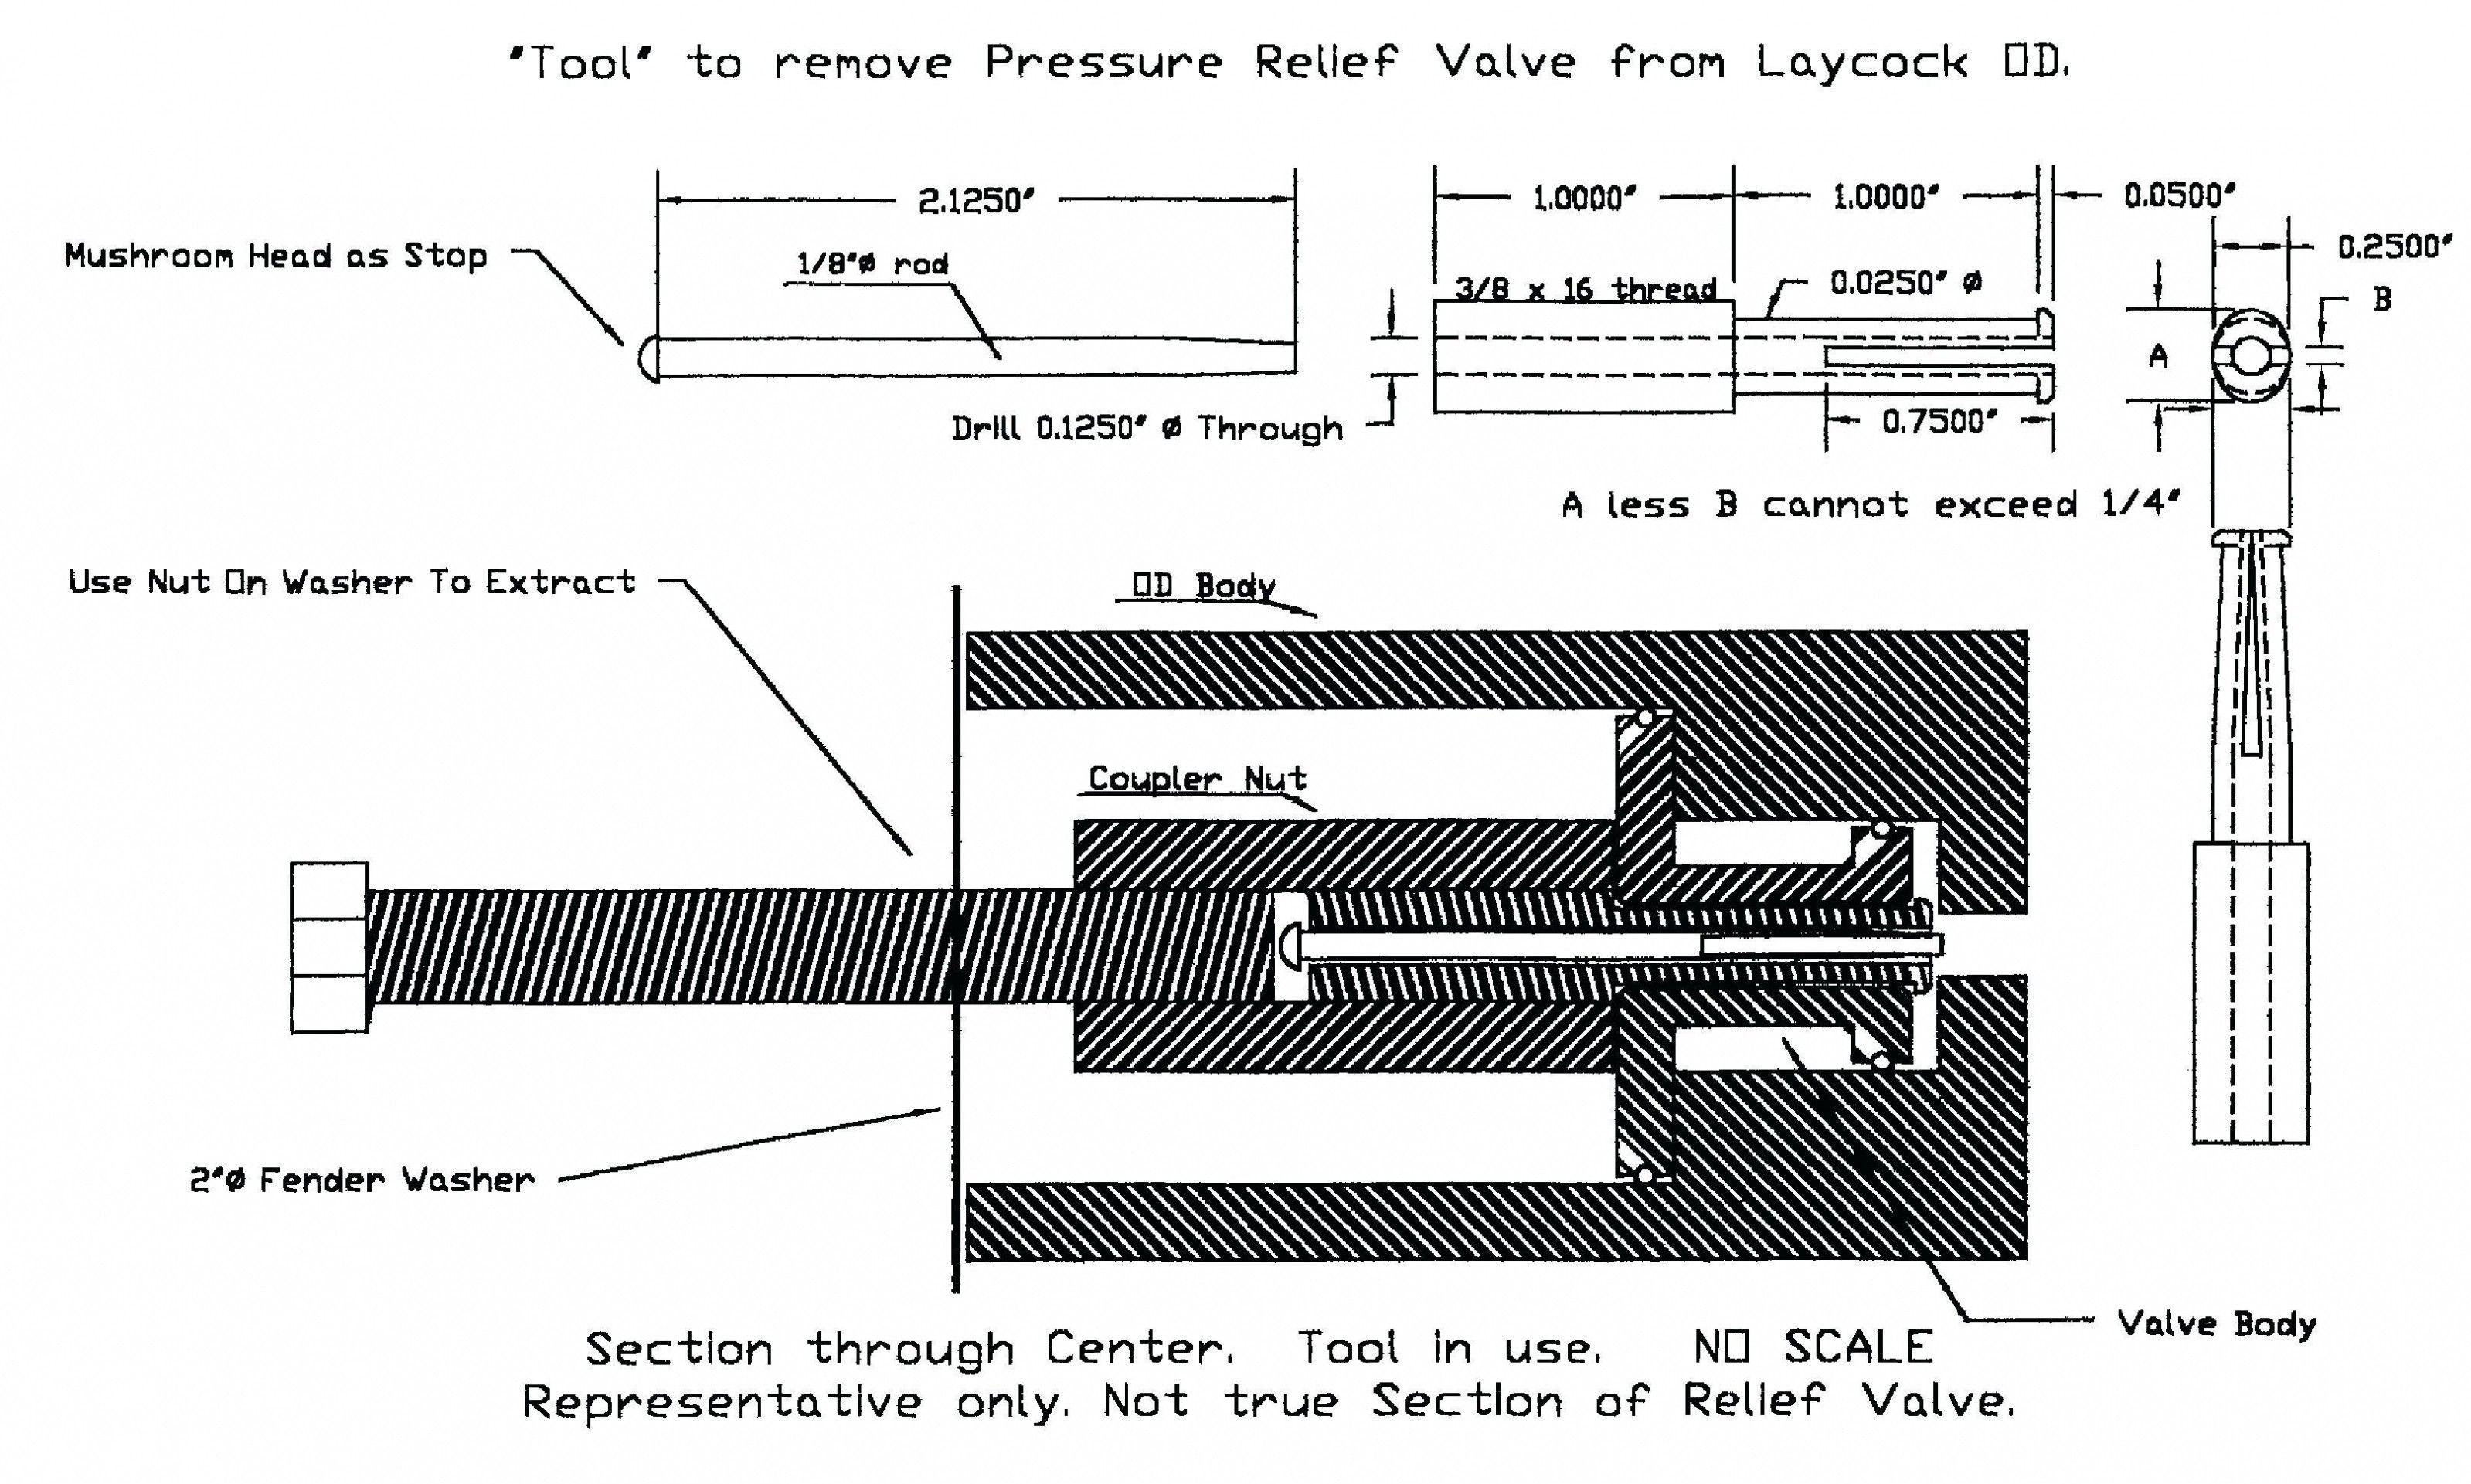 Elegant Wiring Diagram Sample For Ipad  Diagrams  Digramssample  Diagramimages